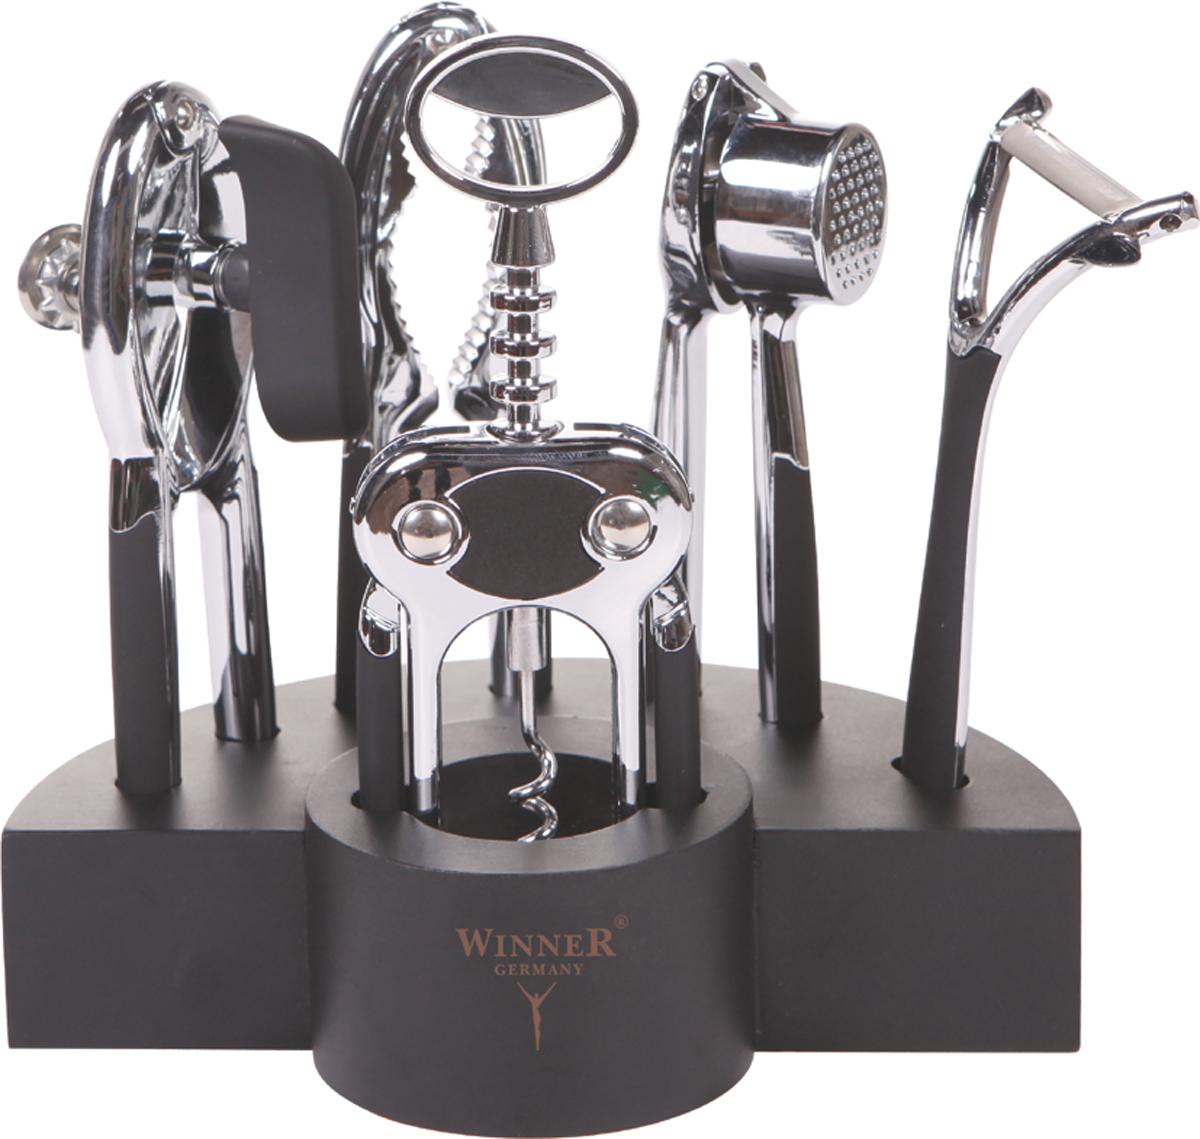 Набор открывалок Winner WR-7100, 6 предметов набор открывалок winner wr 7103 6 предметов